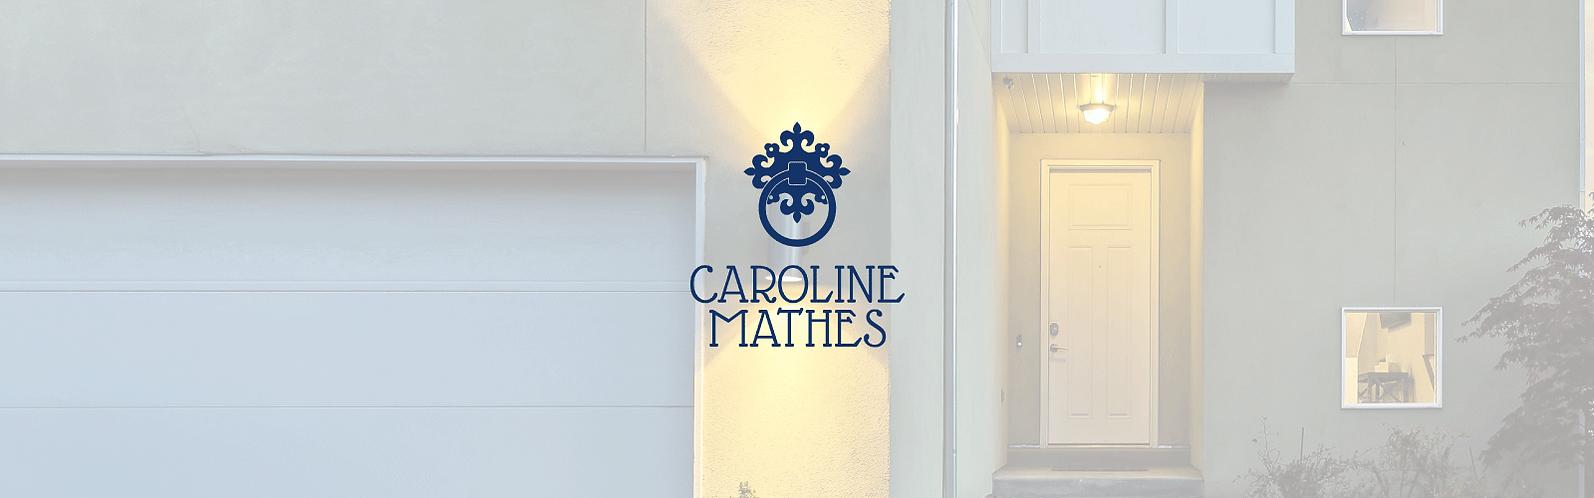 caroline mathes real estate brand